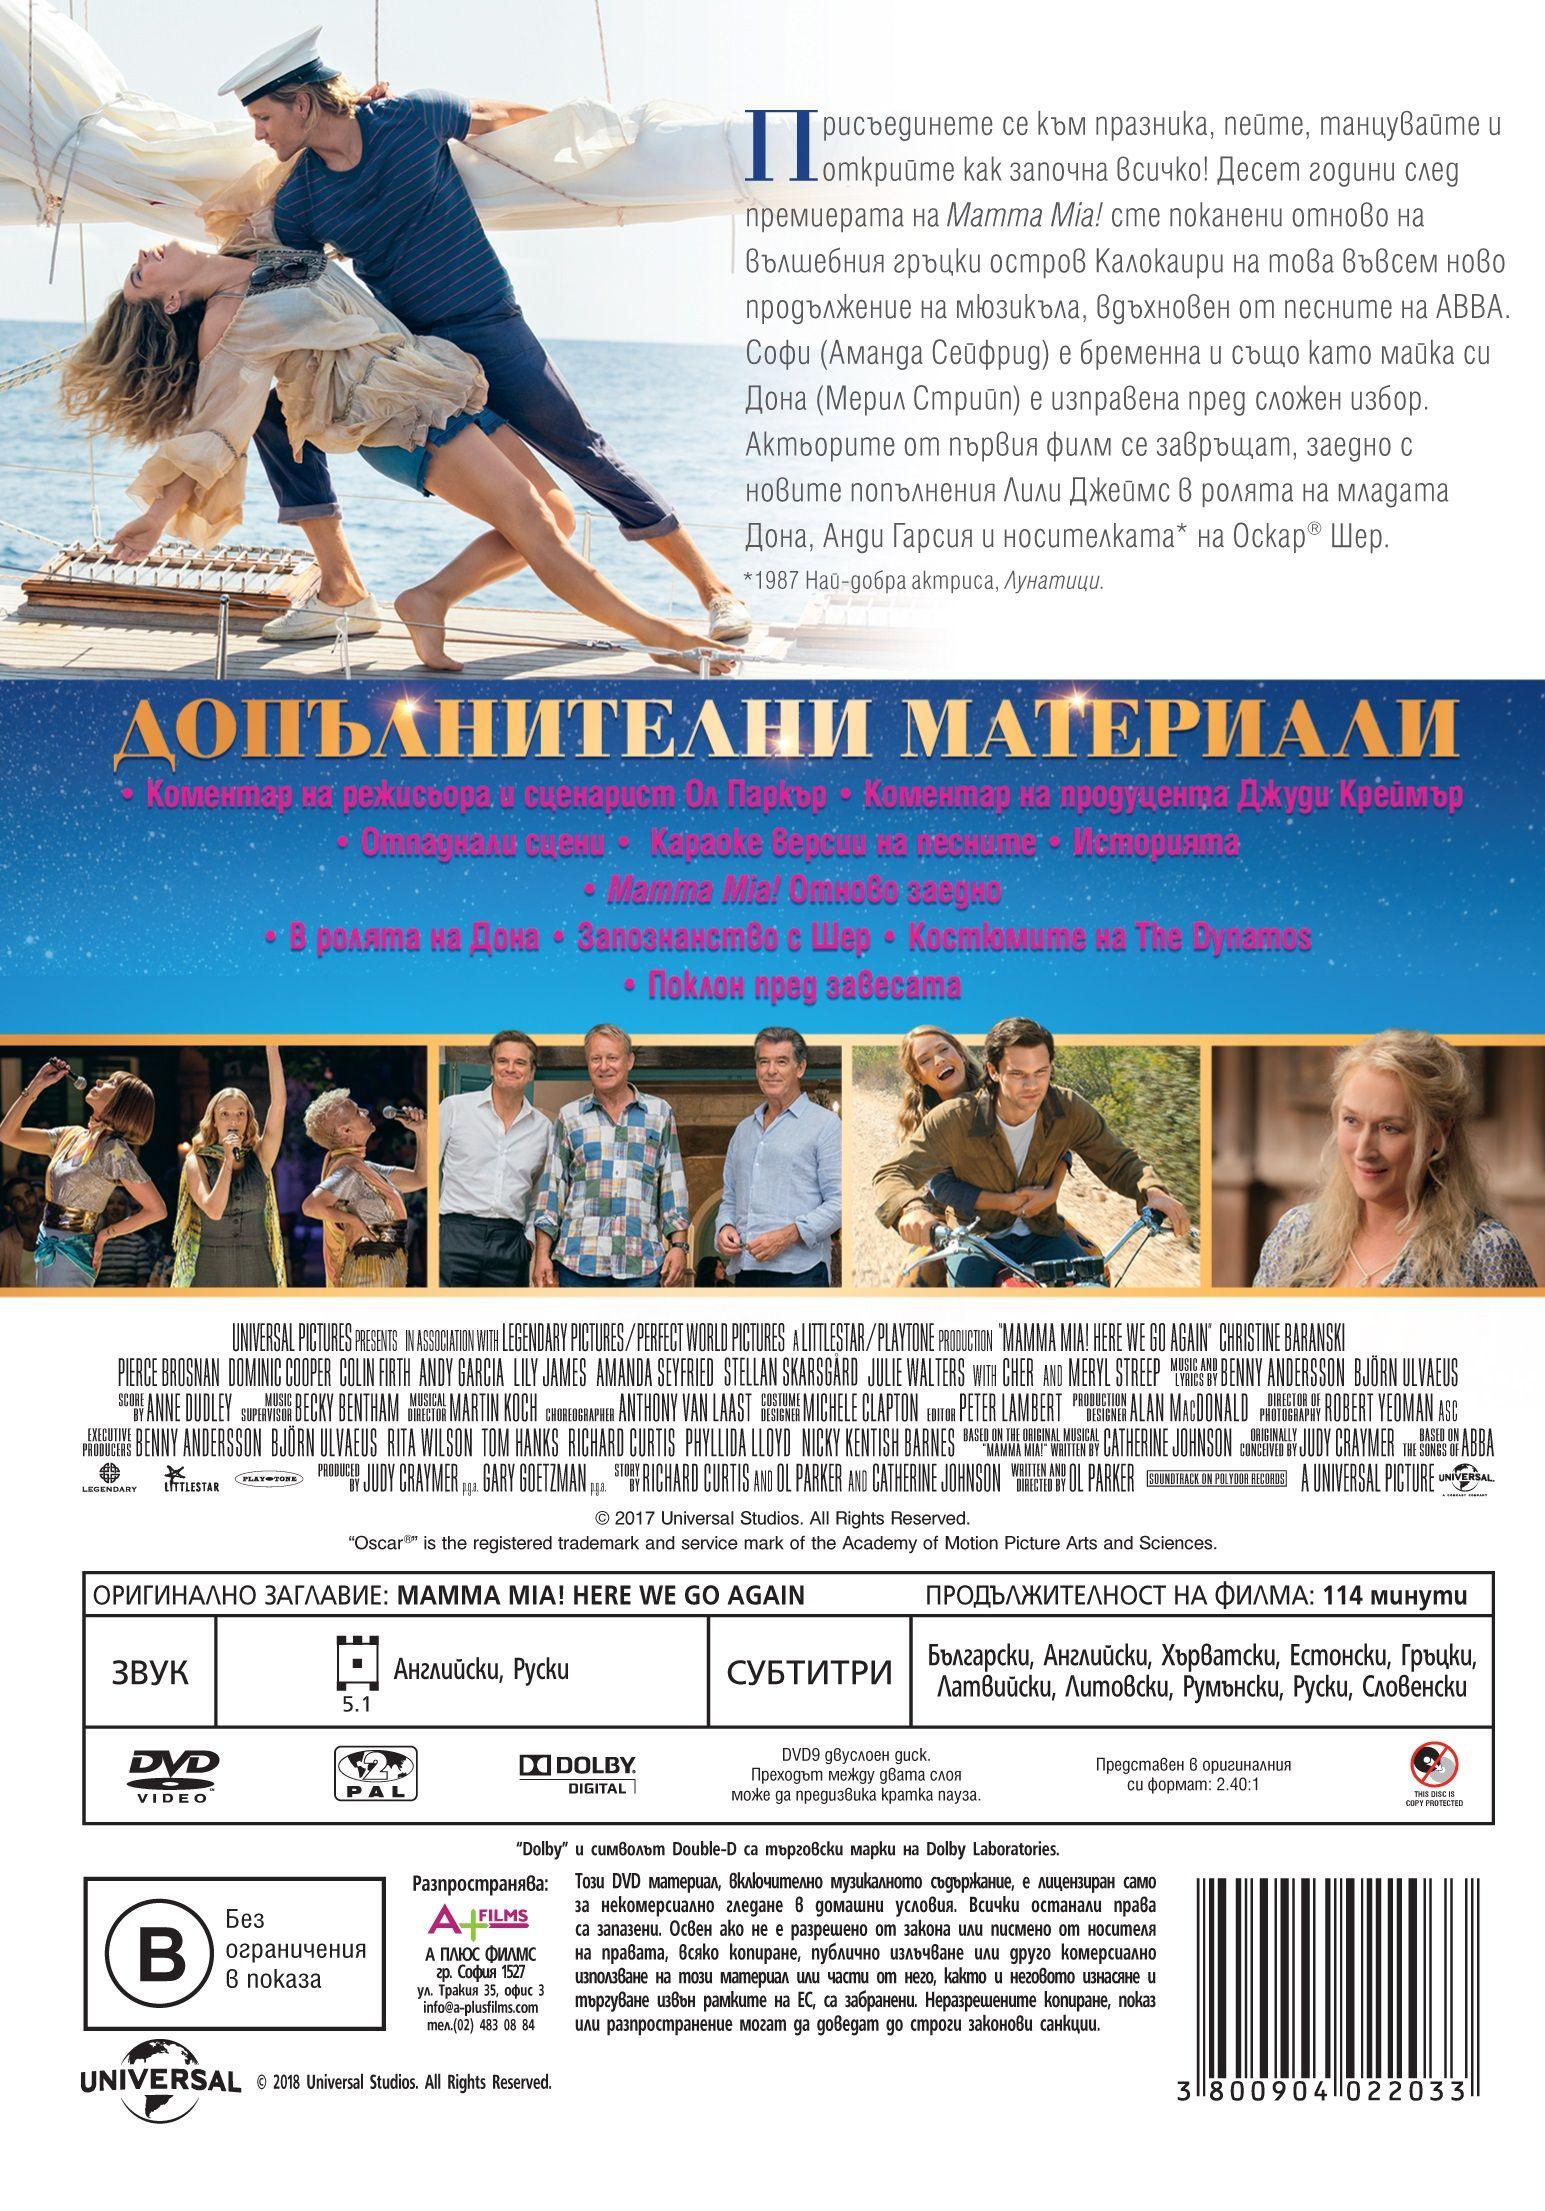 Mamma Mia! Отново заедно (DVD) - 2